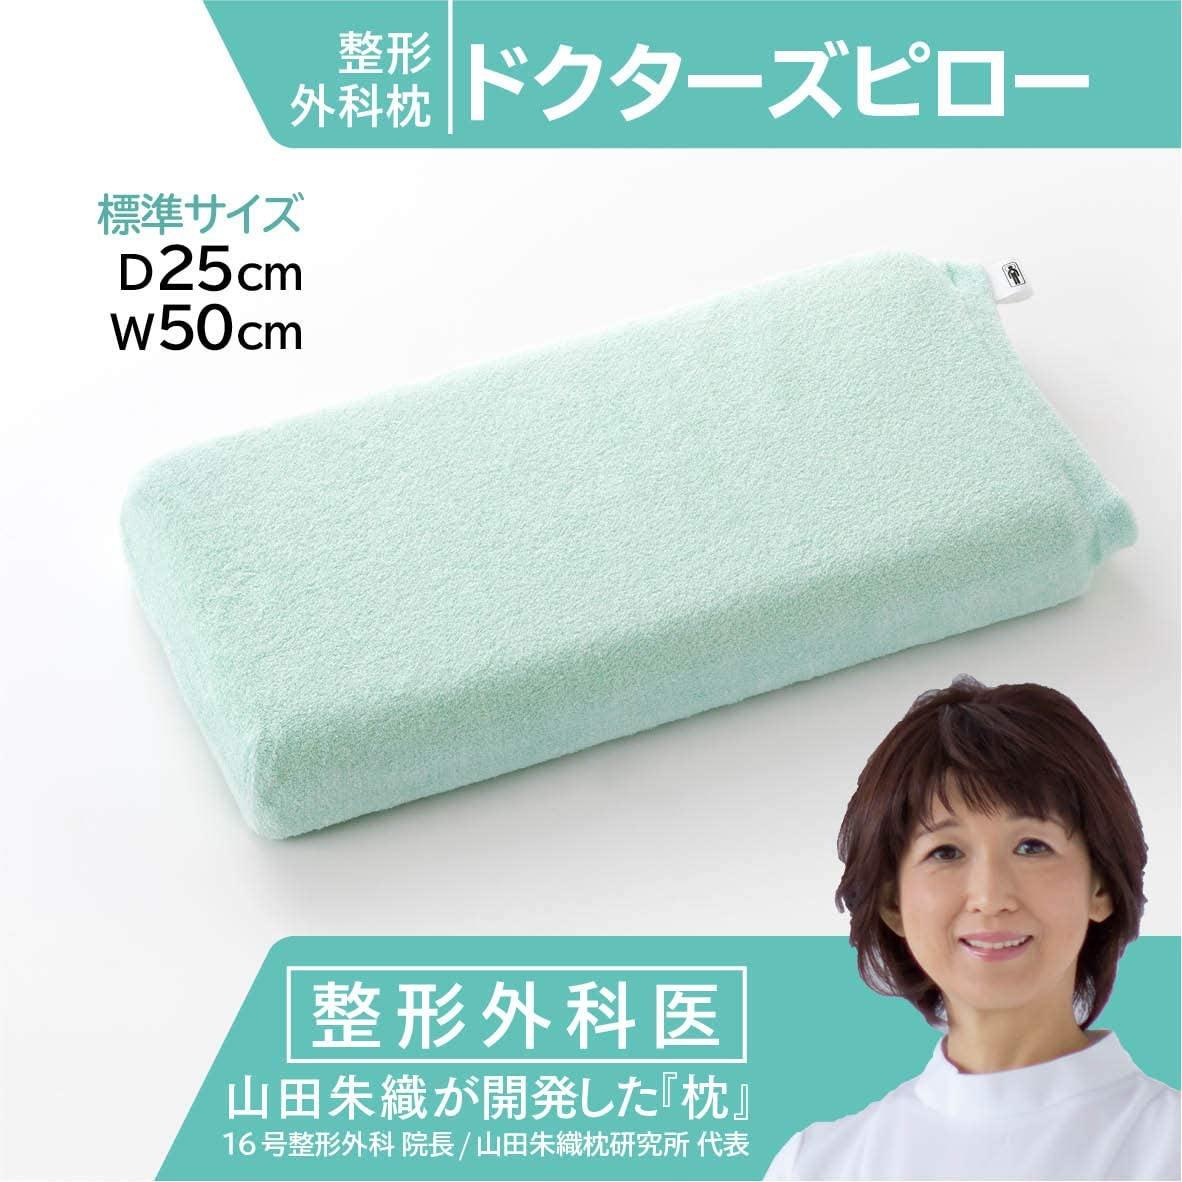 山田朱織枕研究所 整形外科枕ライトの商品画像2